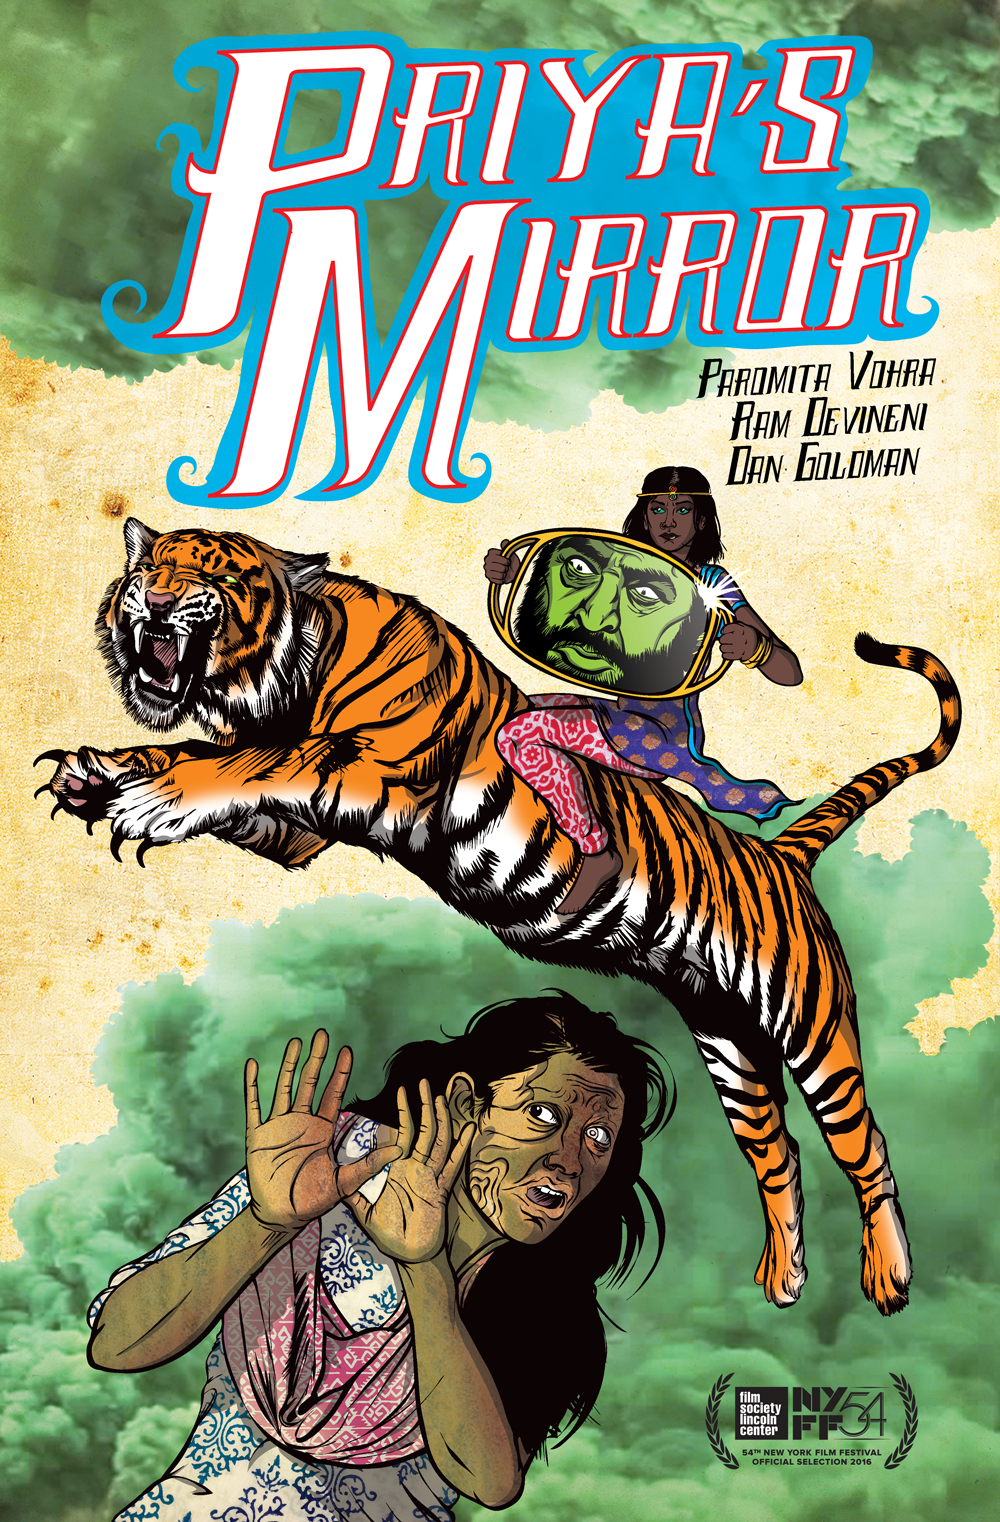 Priya's-Mirror-COVER-r1.png